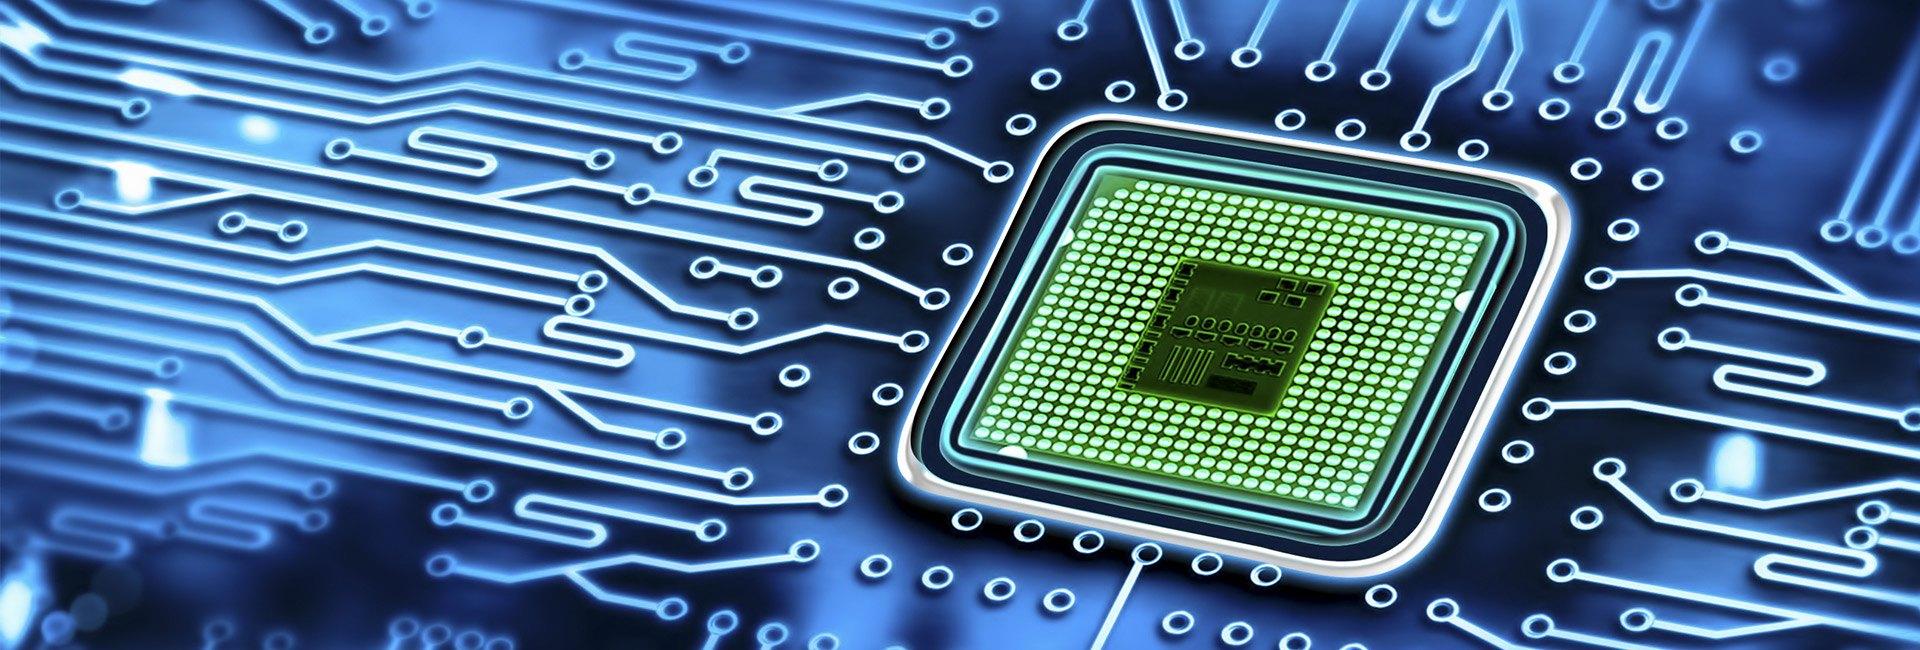 PROTETIVOS com NANO inibidores de corrosão VpCI® para equipamentos Elétricos e Eletrônicos.  - Contra a corrosão, salinidade, umidade, contaminantes, gases e ácidos.